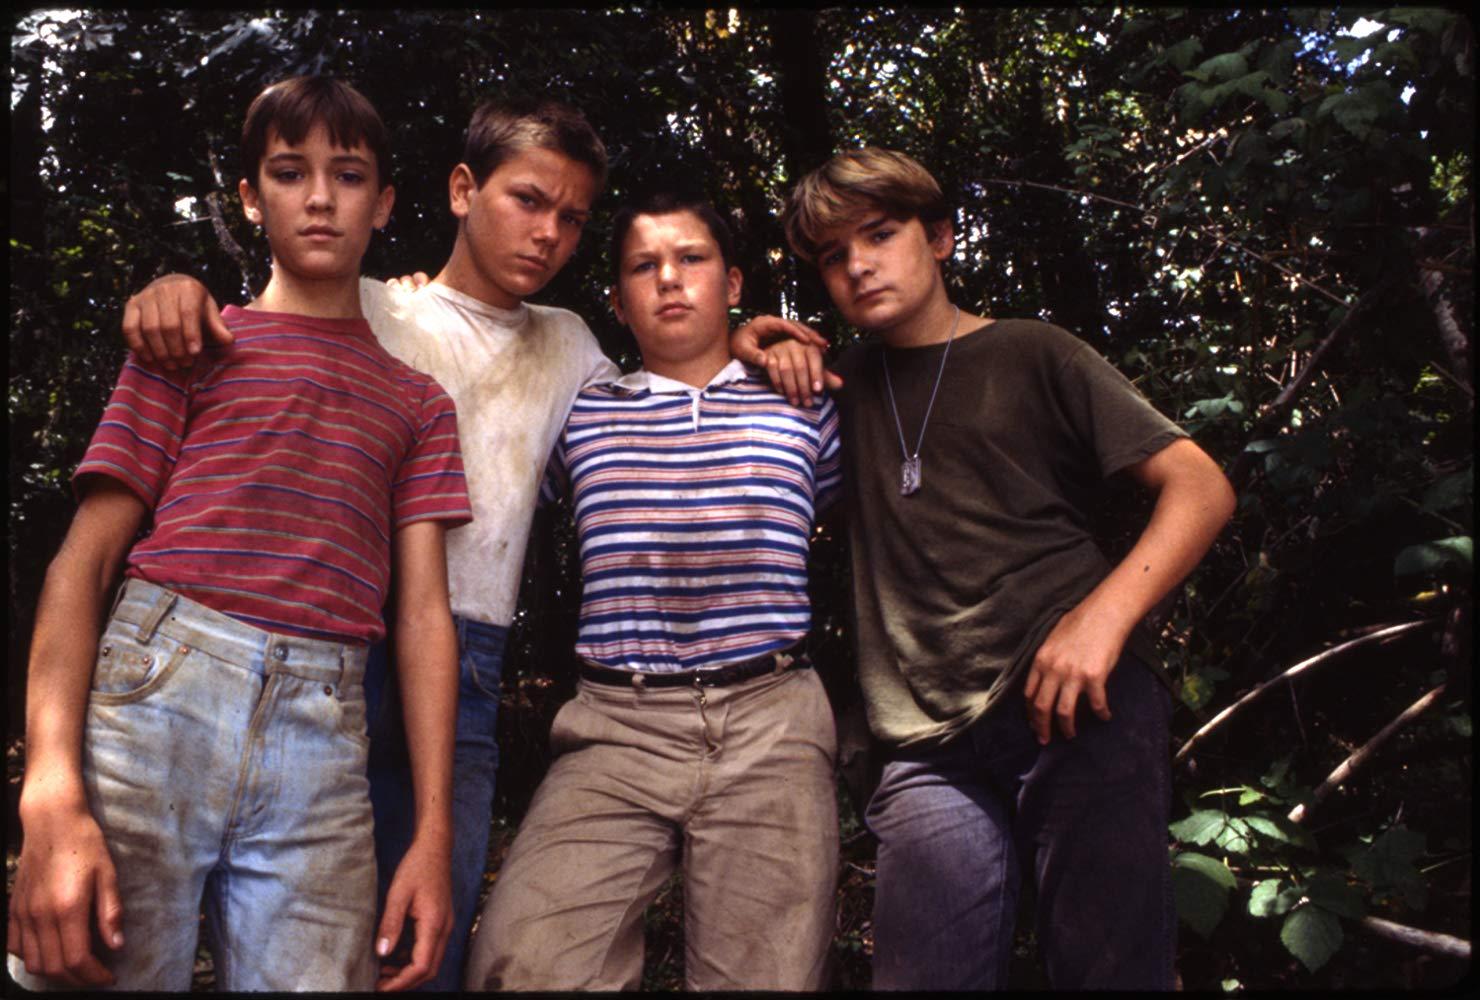 Os 10 filmes que mudaram a vida e carreira de Ashton Kutcher